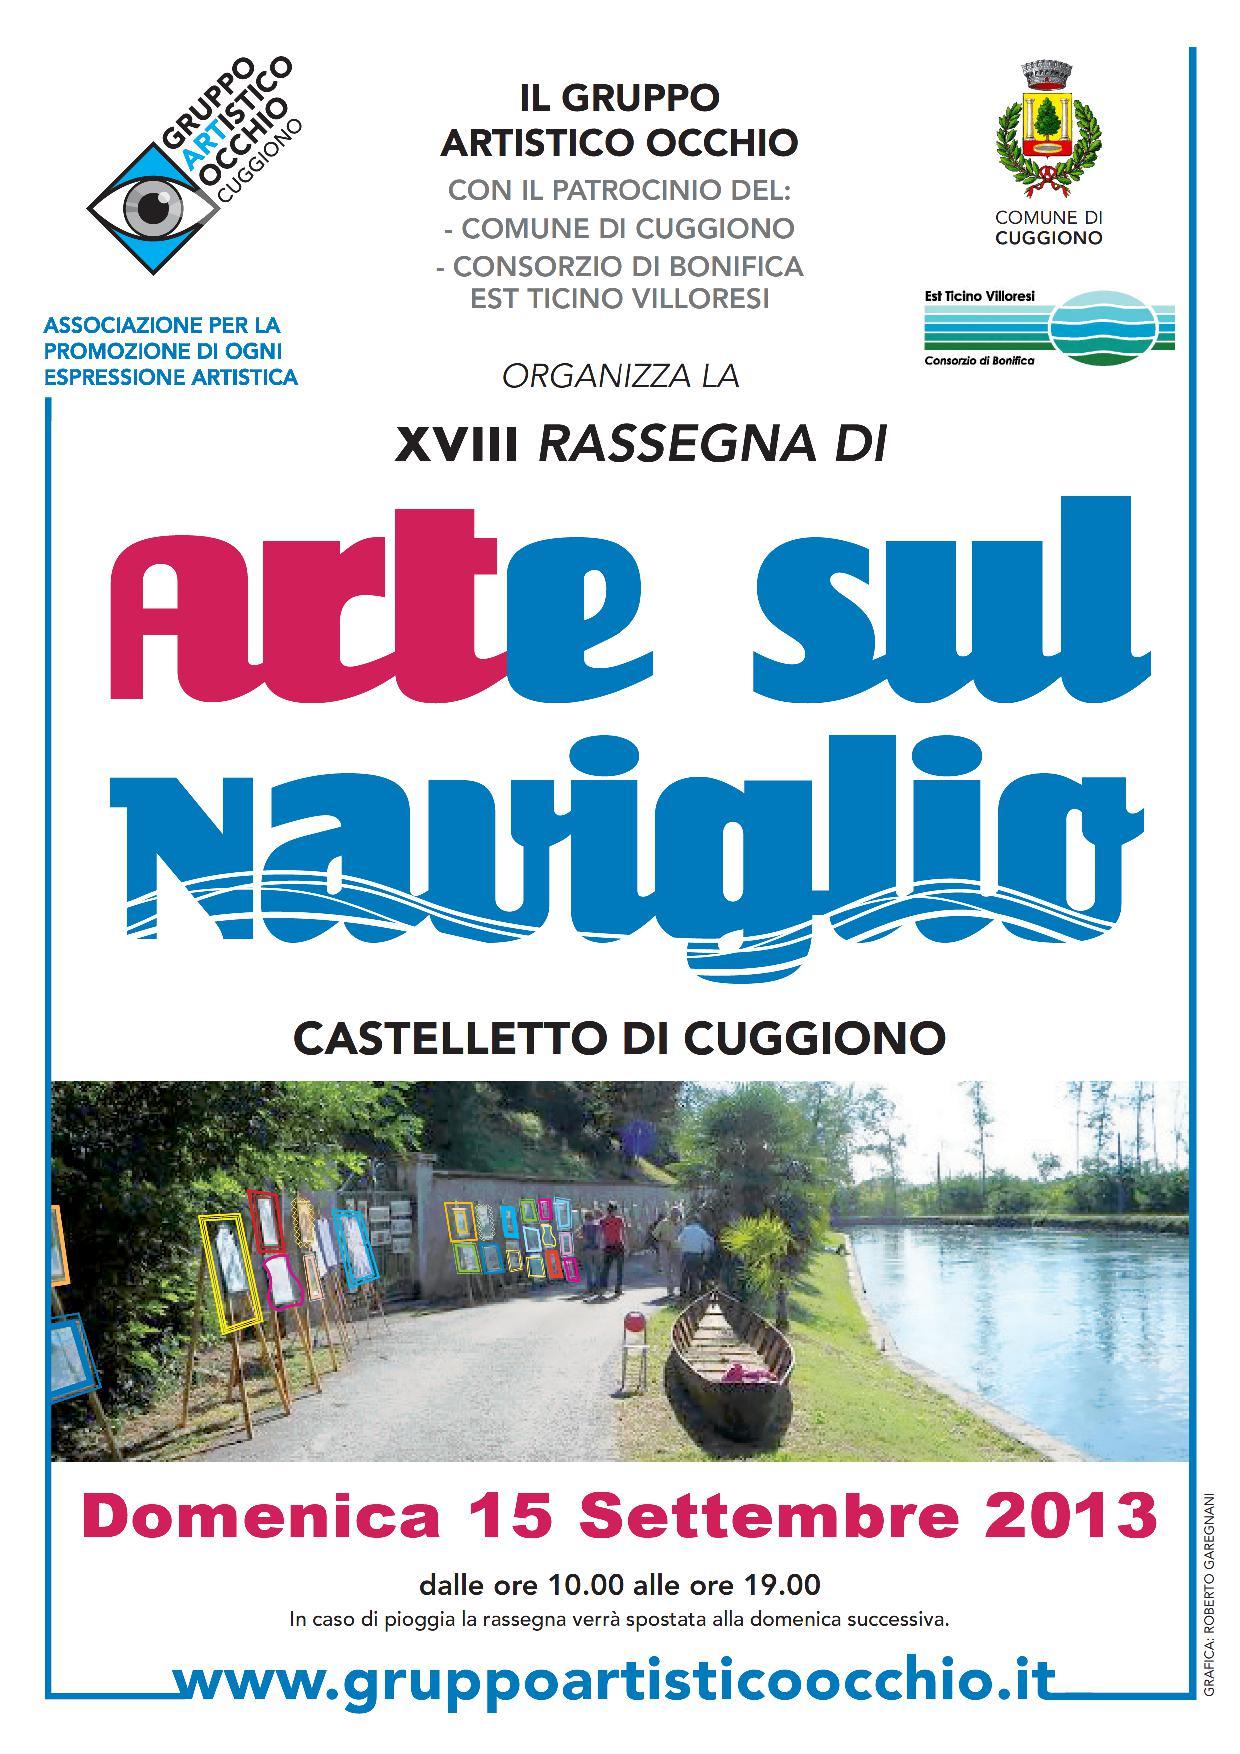 anno 2013 XVIII Rassegna Arte sul Naviglio, Castelletto di Cuggiono - 15 Settembre 2013.